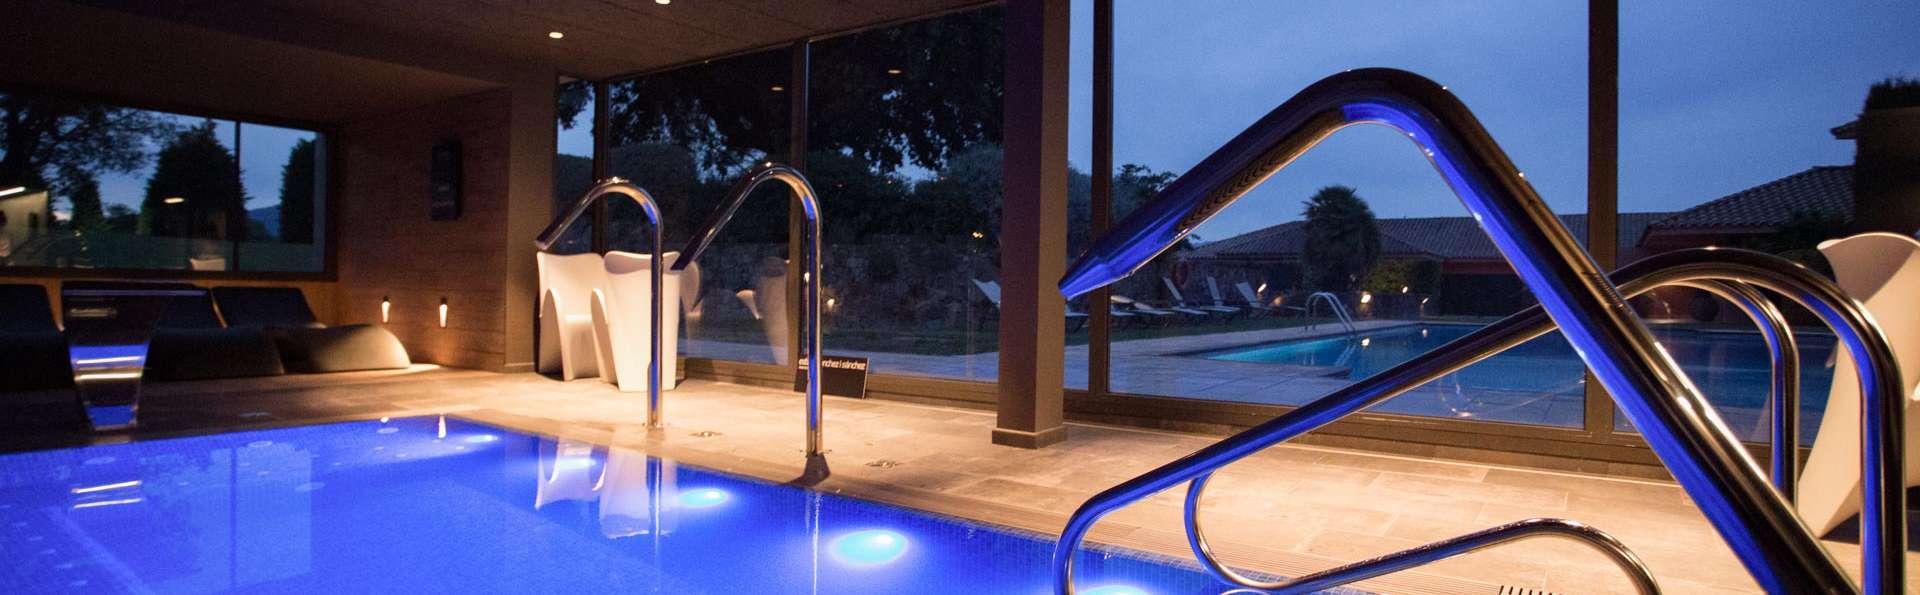 Disfruta de unas mini-vacaciones de relax en el Alt Empordà con acceso Spa y en habitación Superior